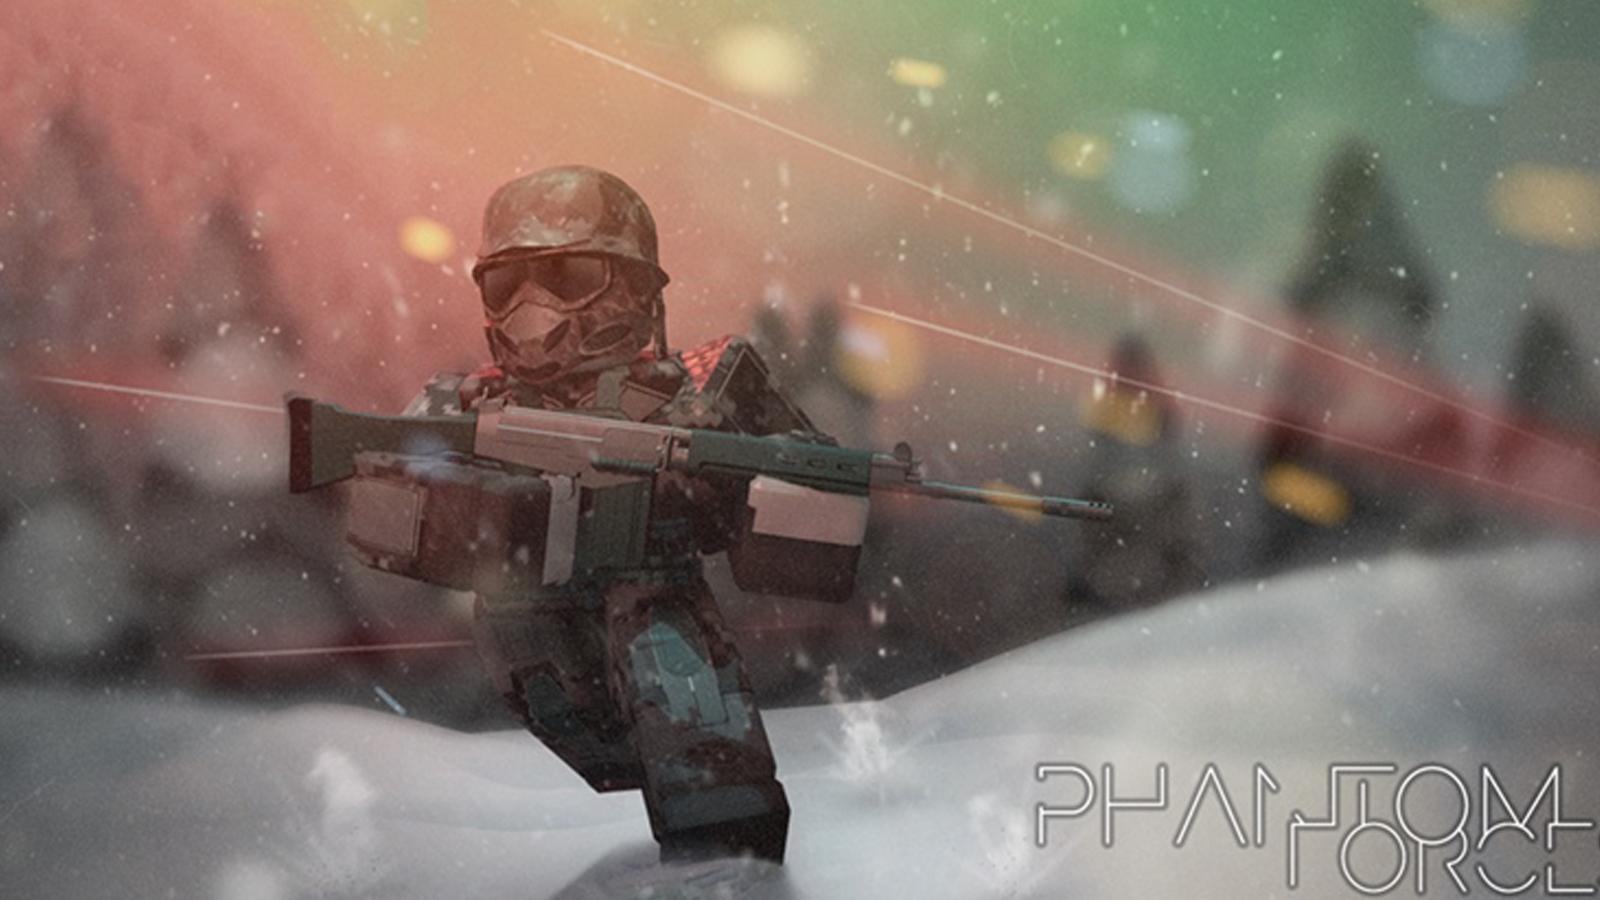 Roblox Phantom Forces Bananatic